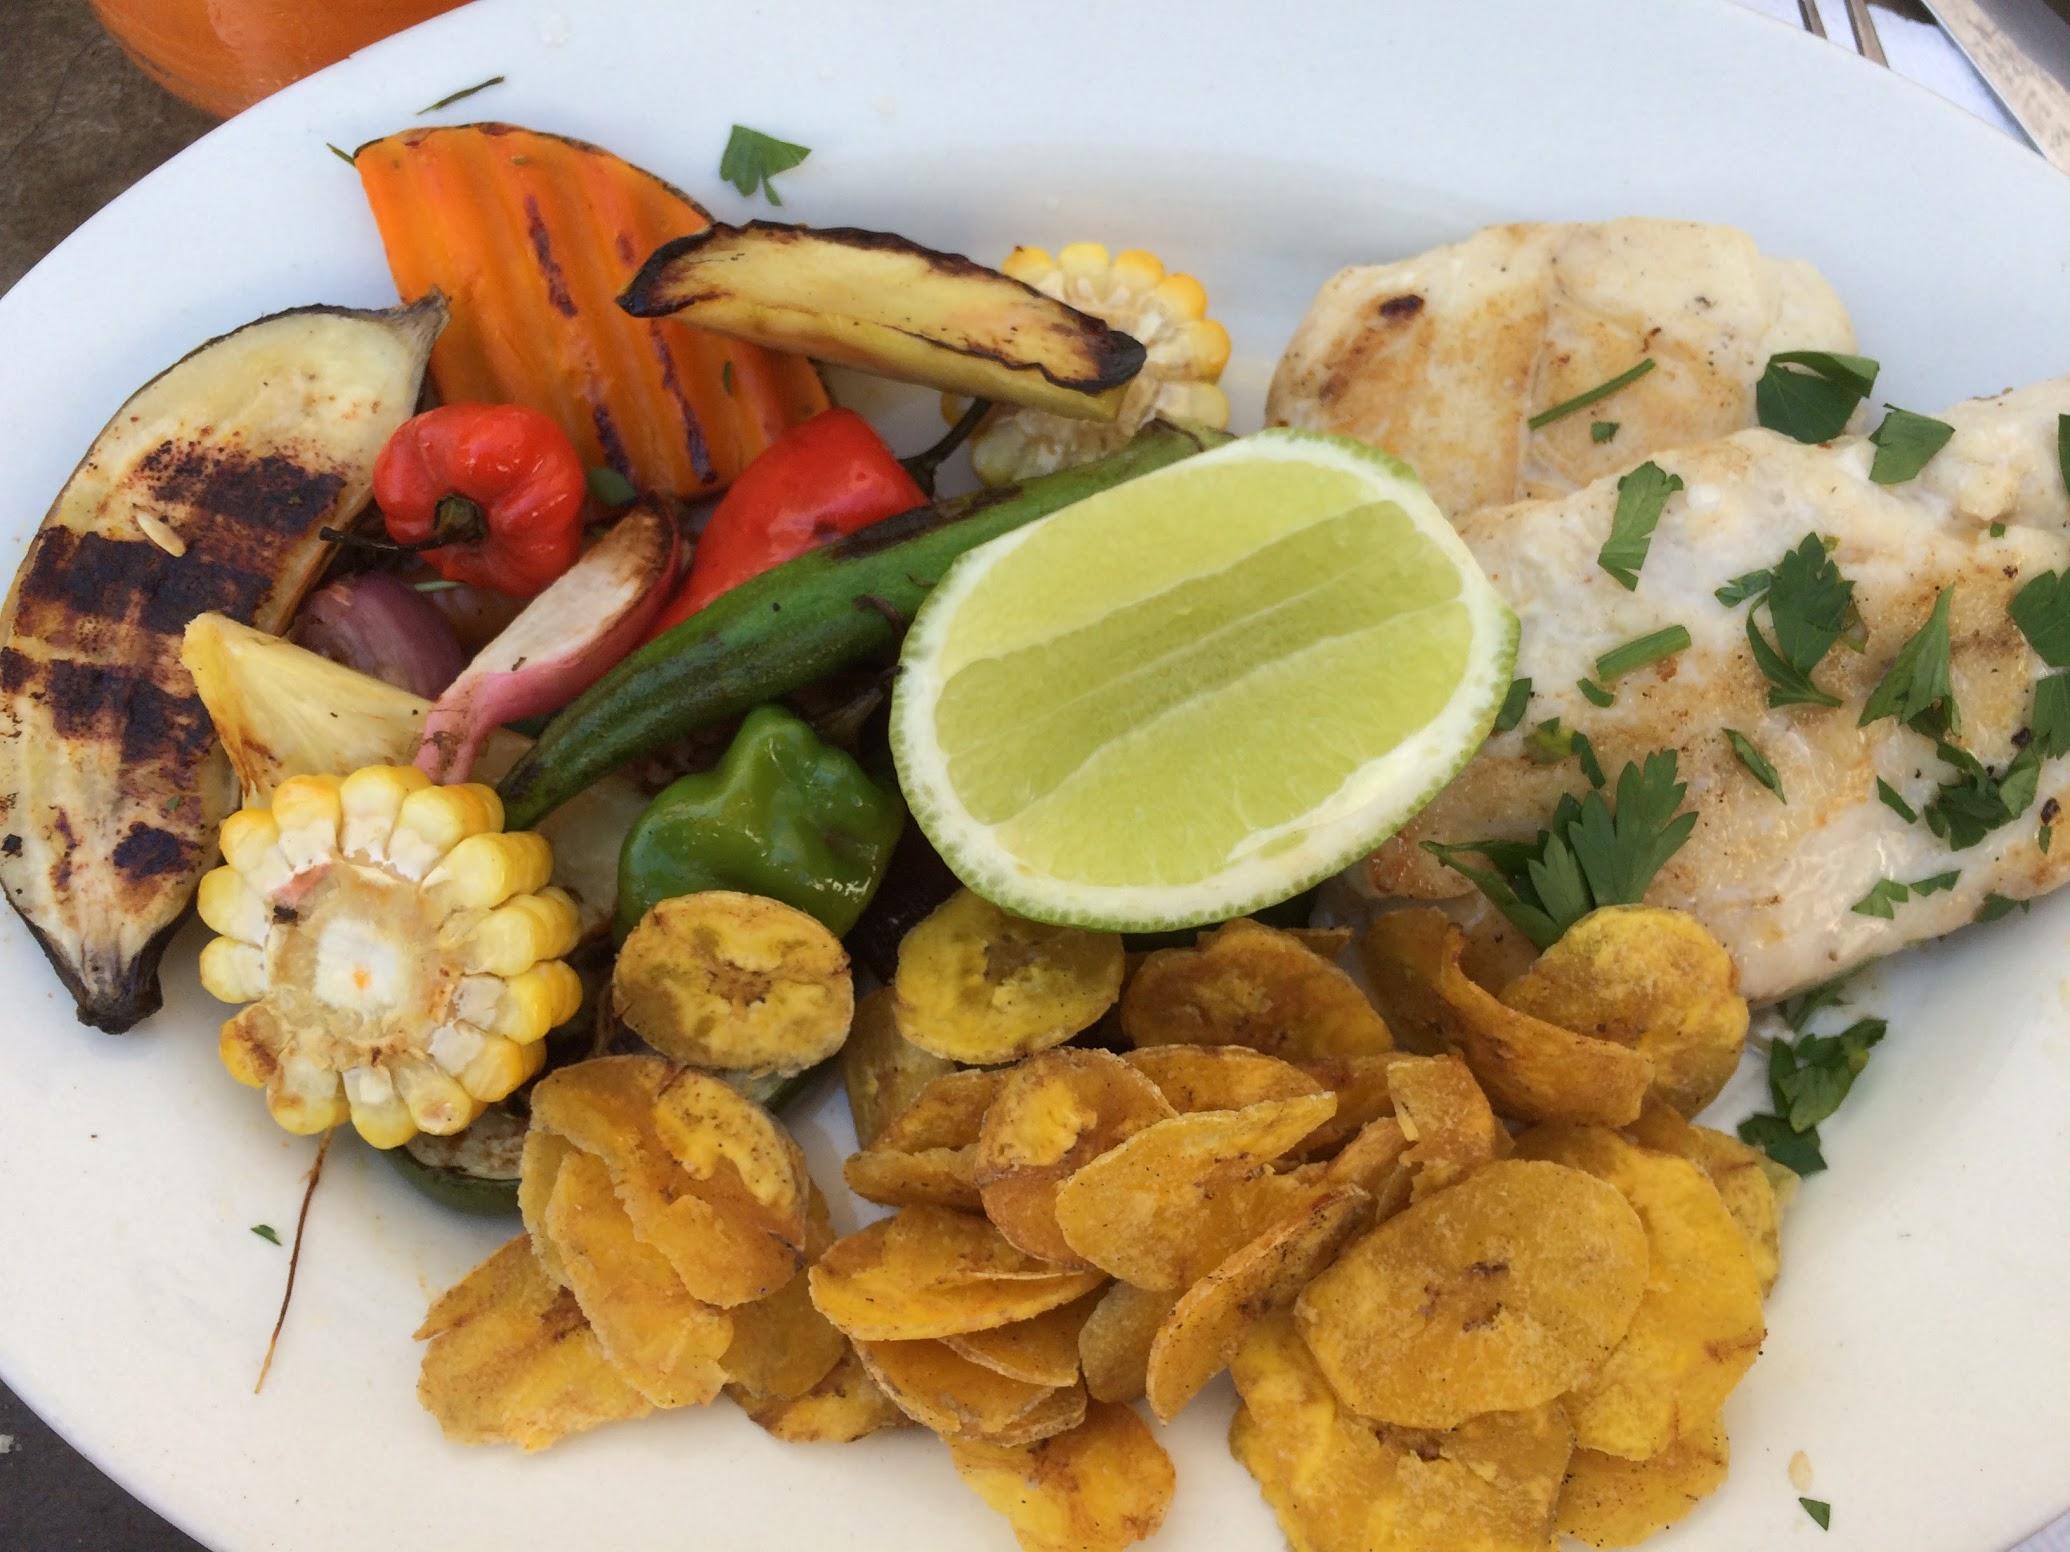 Our lunch at El Del Frente.